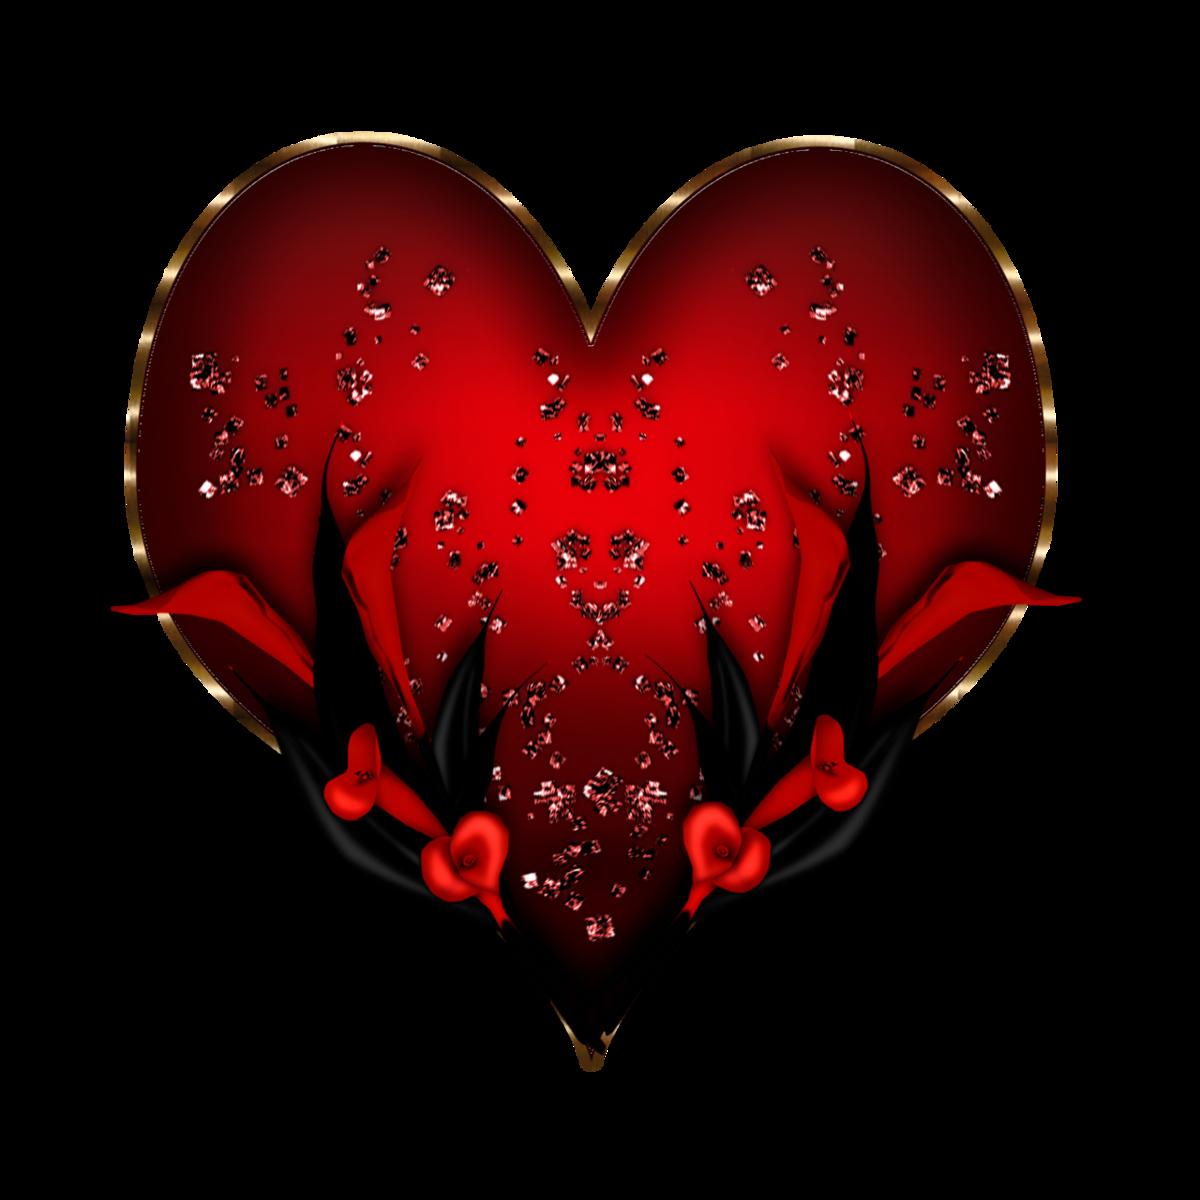 Анимированные картинки с сердечками, приколы